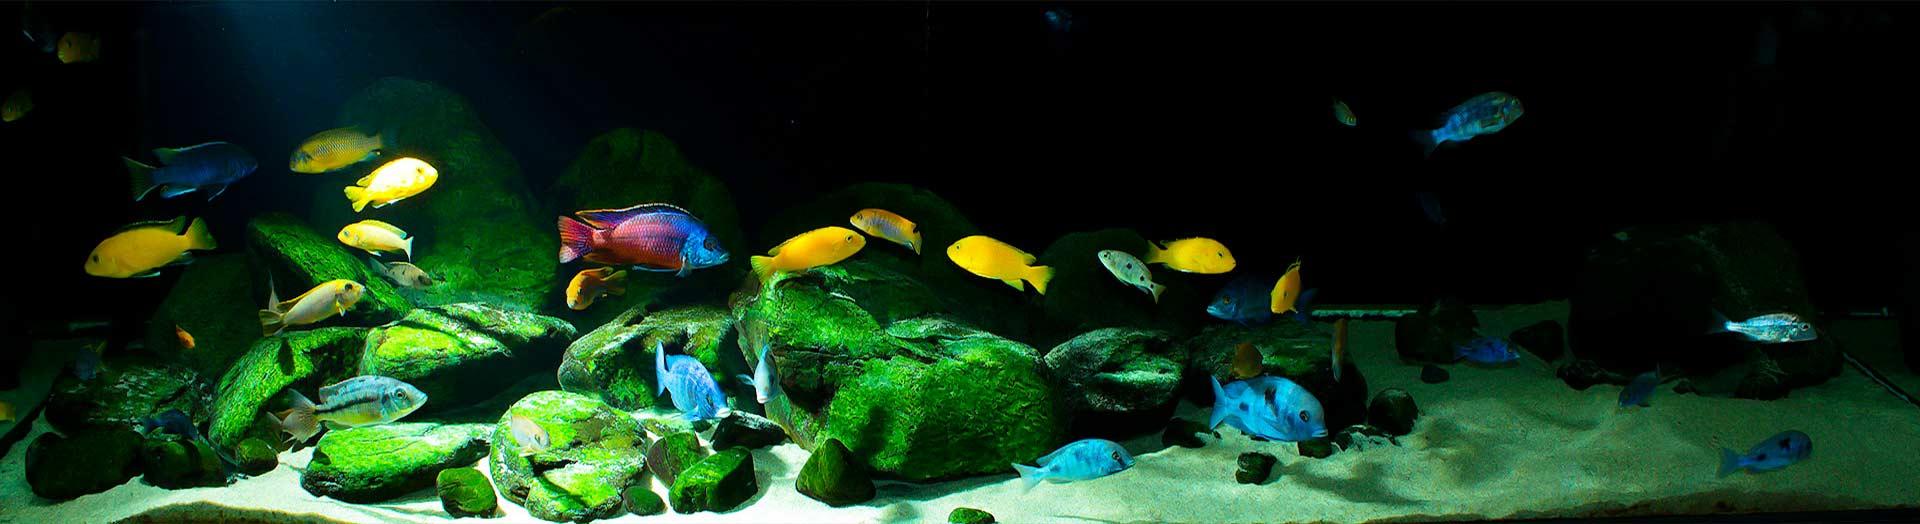 Освещение для аквариумов аквариума с цихлидами